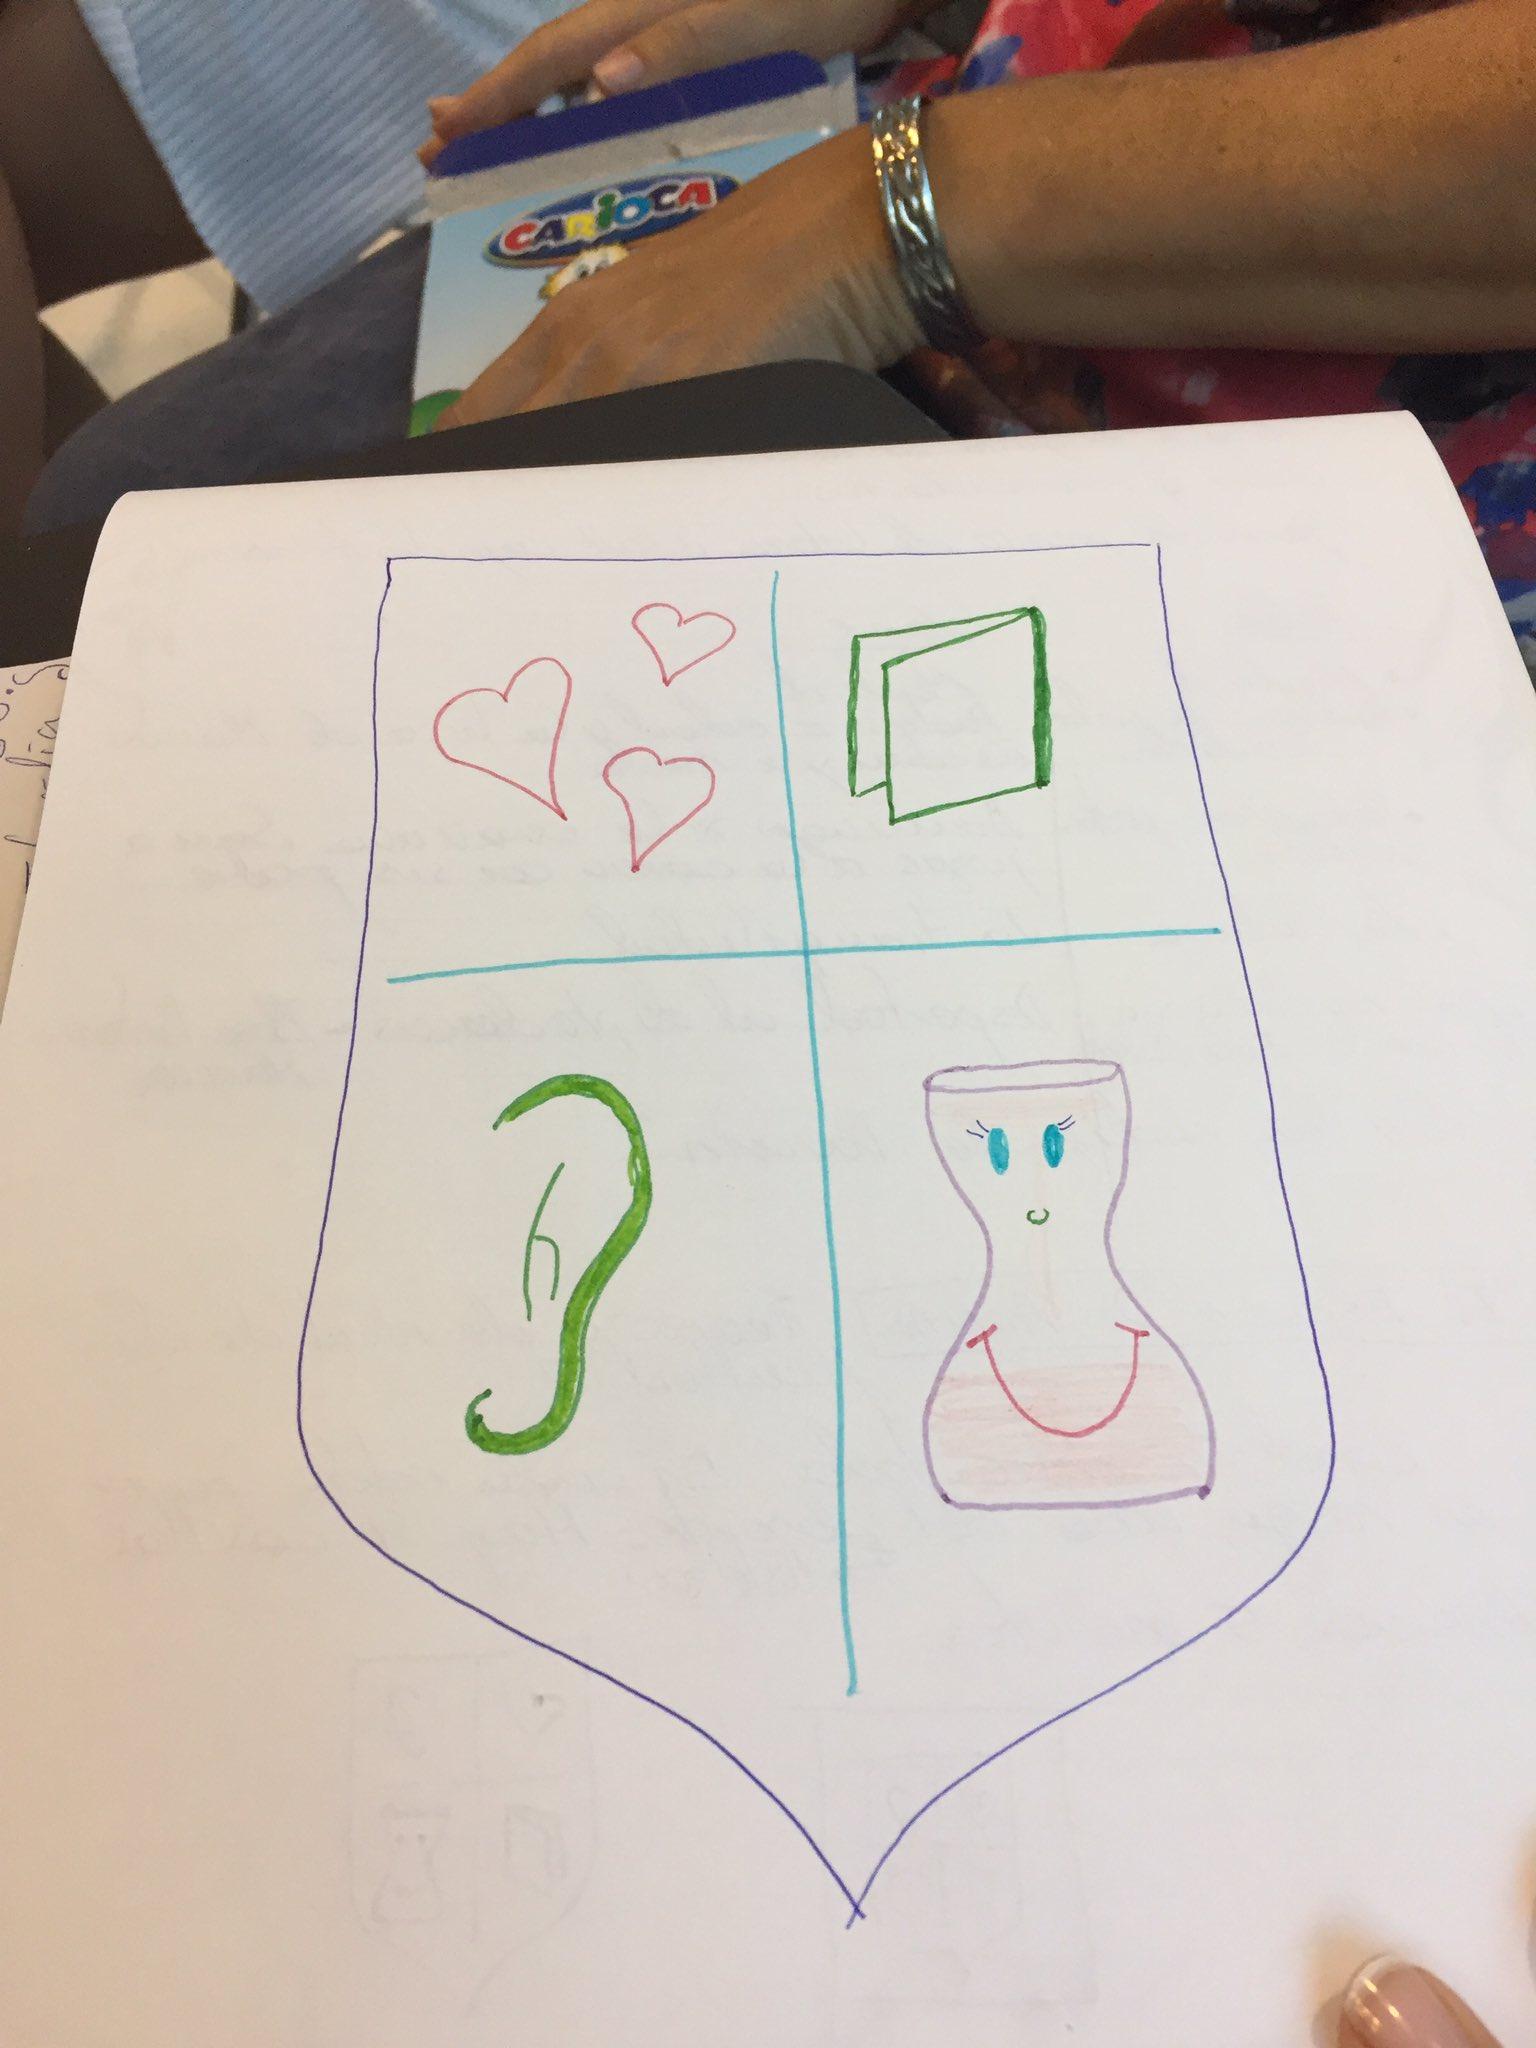 #NuevaEducacion16 creamos nuestro escudo de armas con los valores esenciales del docente. https://t.co/9IsL7byDaW